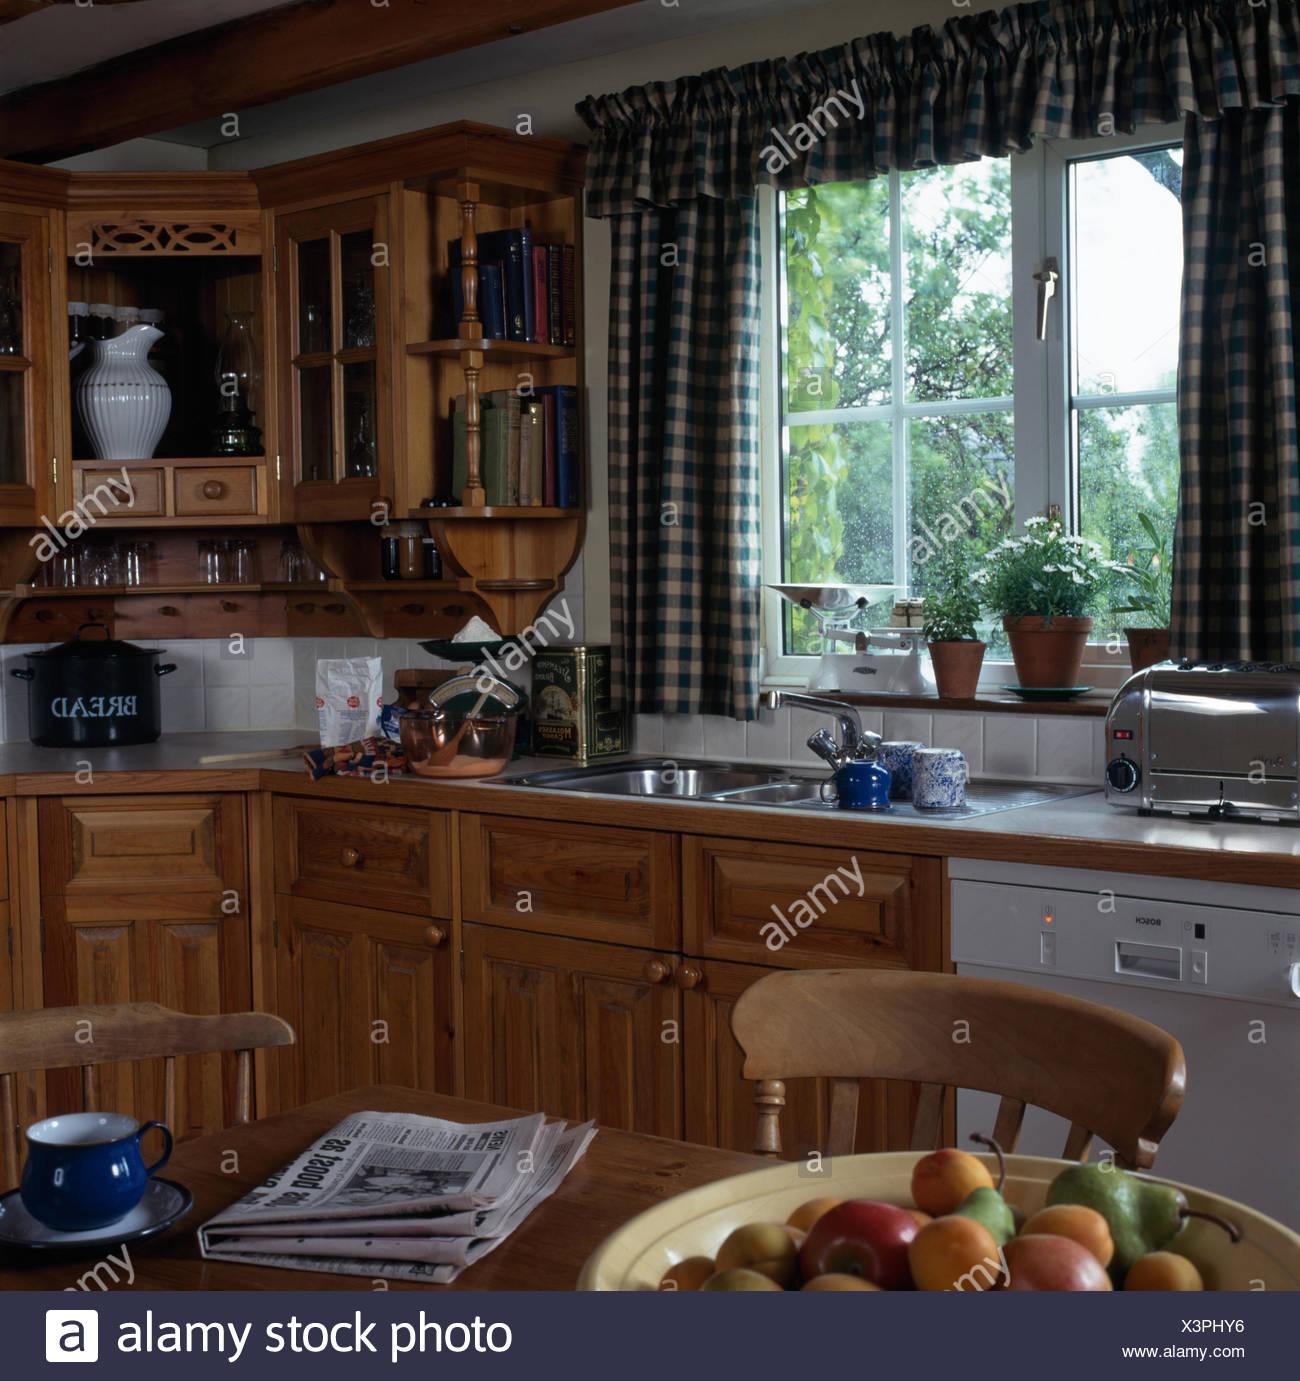 Kitchen Sink Old Fashioned Stock Photos & Kitchen Sink Old